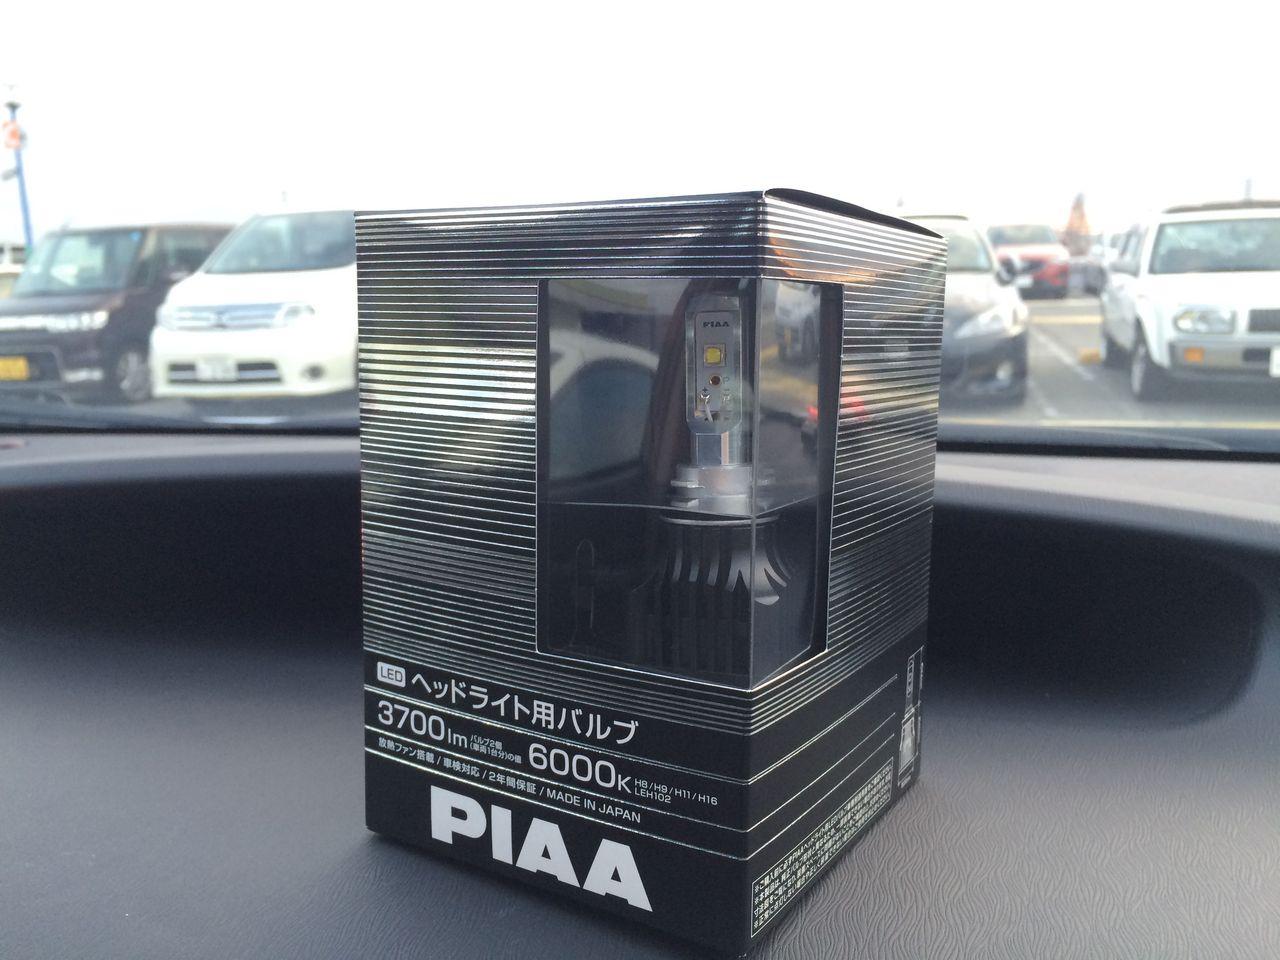 LEDのヘッドランプ用バルブ@PIAA